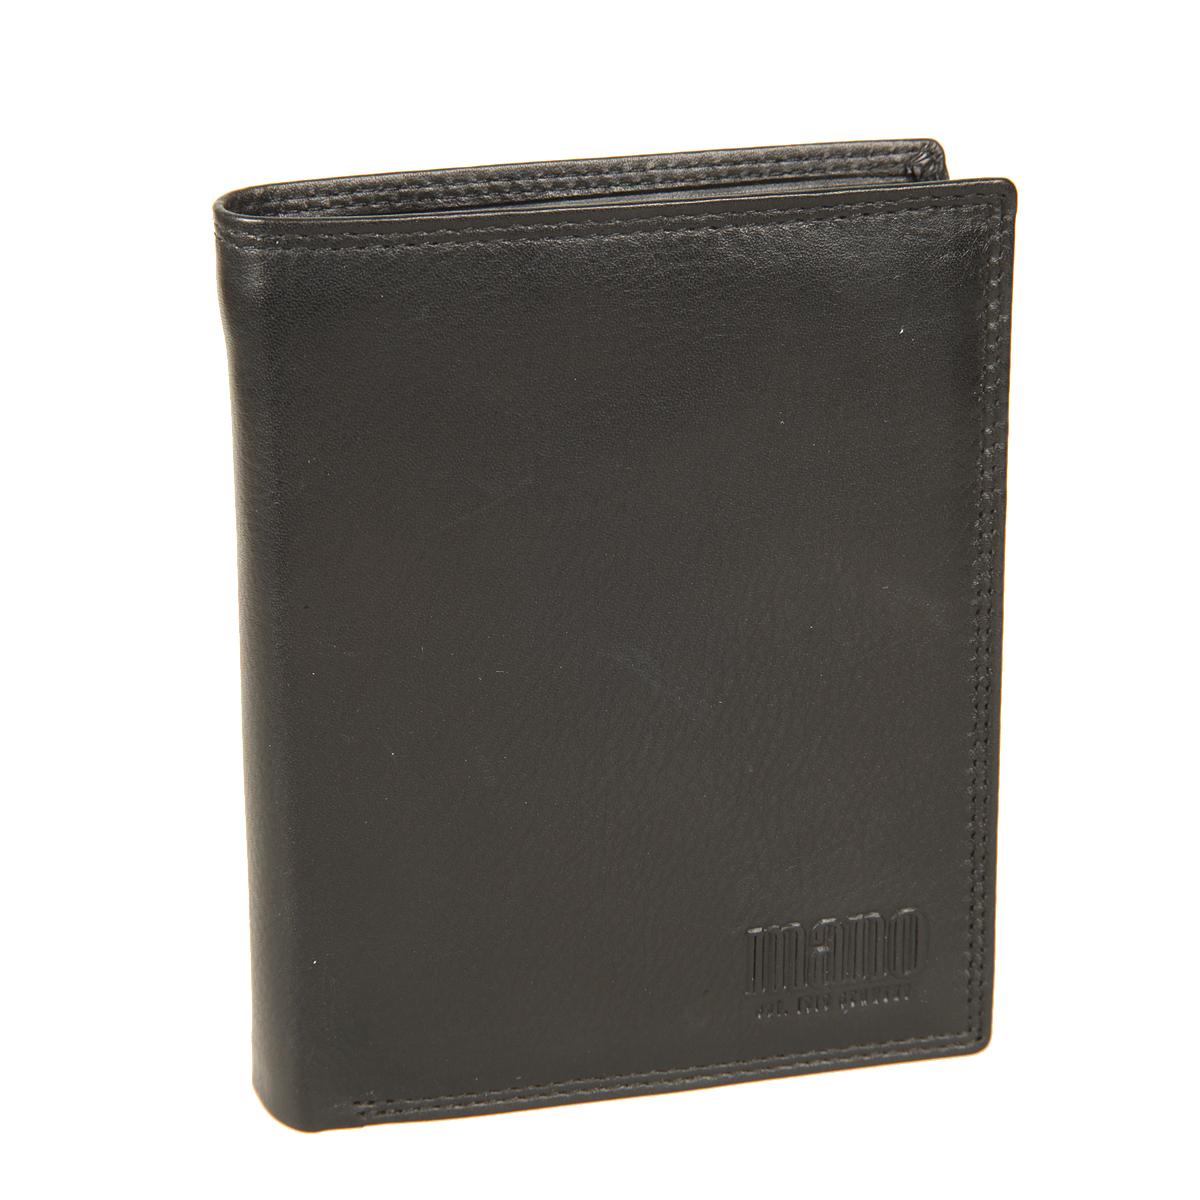 Портмоне мужское Mano, цвет: черный. 1902019020 sutura blackСтильное мужское портмоне Mano выполнено из натуральной кожи, оформлено объемной надписью в виде логотипа бренда. Внутри - два отделения для купюр, карман на застежке-молнии, карман для мелочи с клапаном на кнопке, четыре потайных кармашка, один кармашек с сетчатой вставкой и восемь отделений для визитных и кредитных карточек. Портмоне упаковано в фирменную картонную коробку.